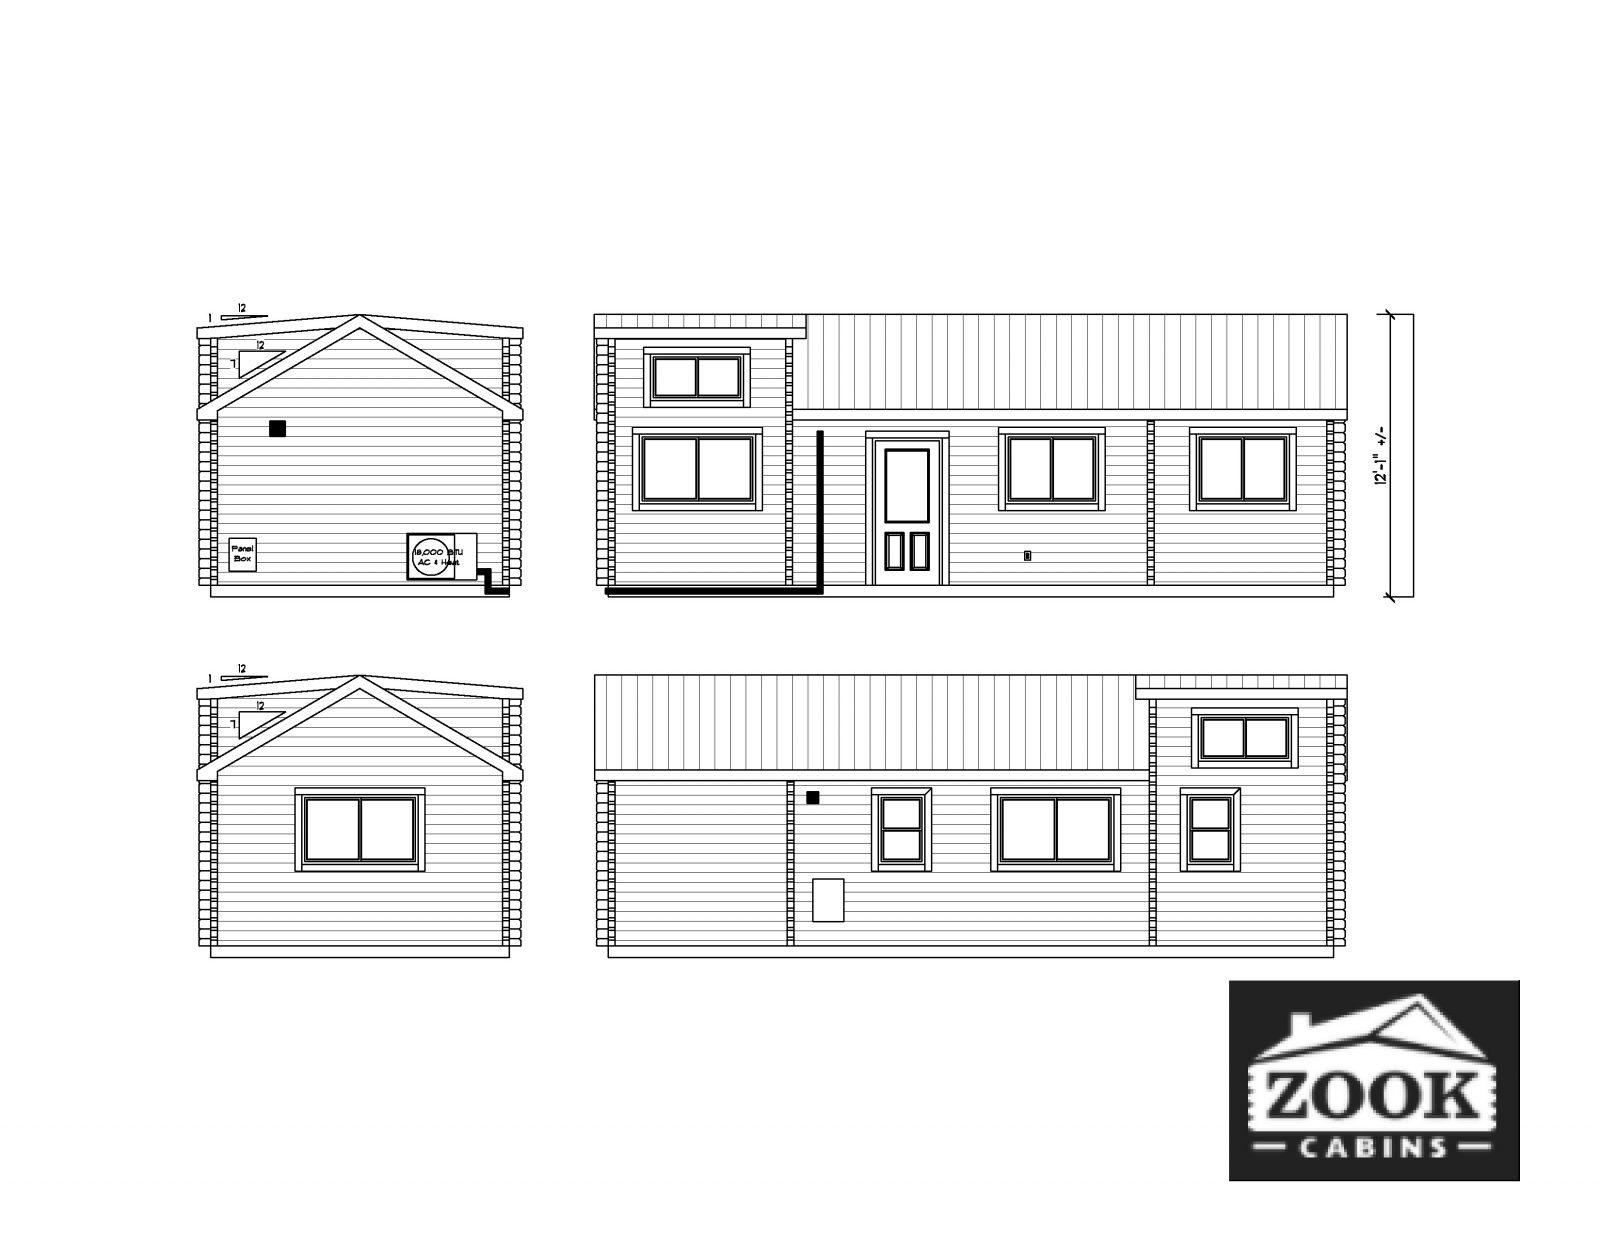 Rancher Log Cabin Exterior Floor Plan